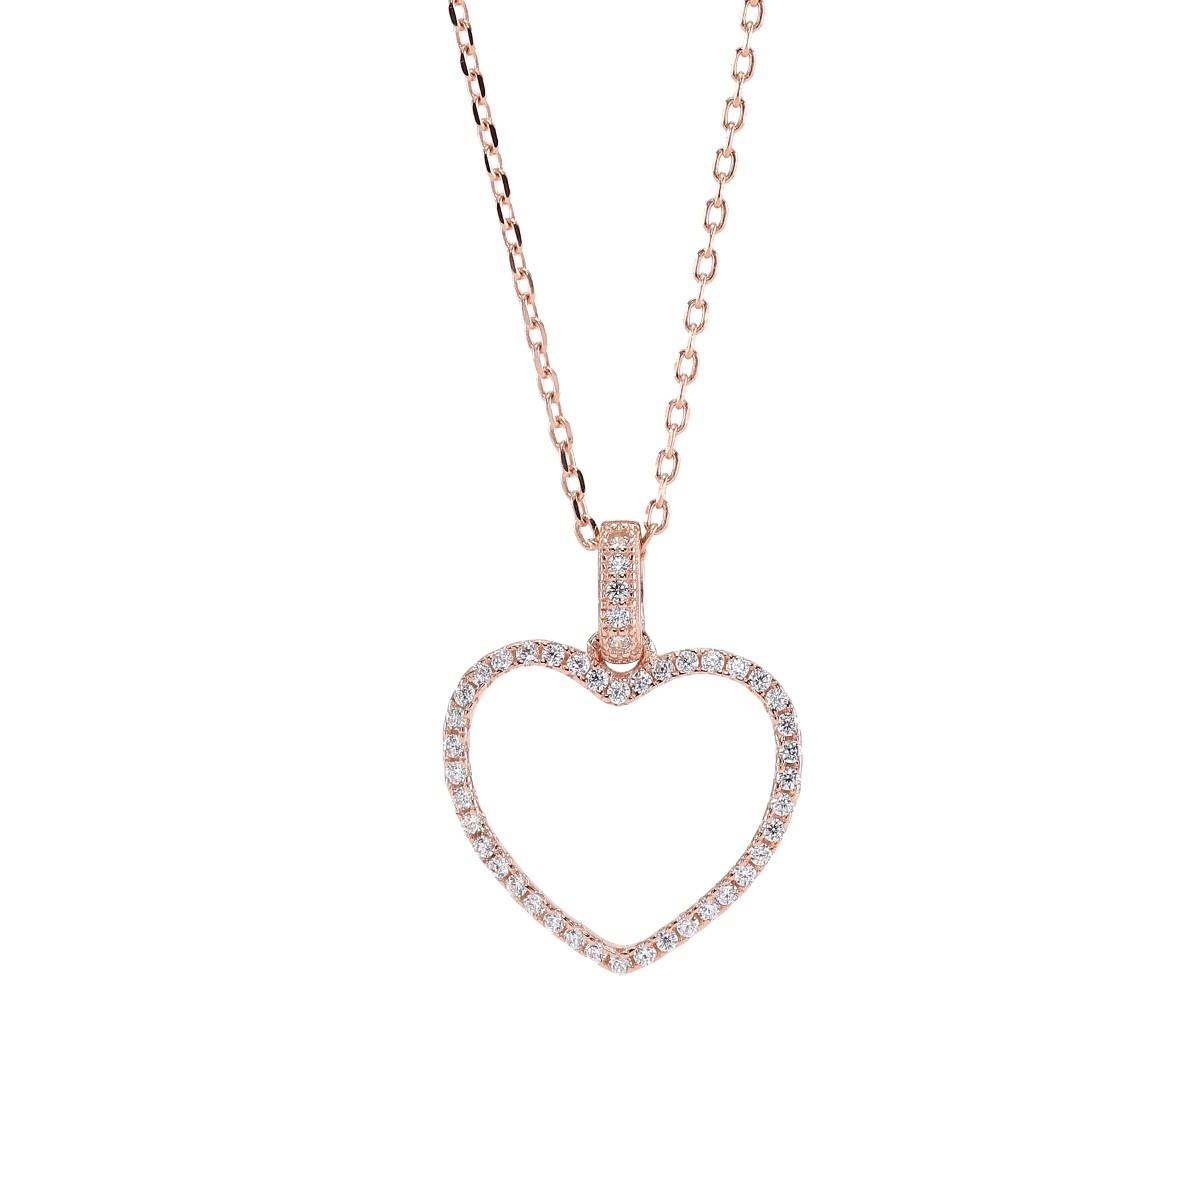 Image of   Joanli Aida rosaforgyldt halskæde med stor hjerte, 42+3 cm kæde